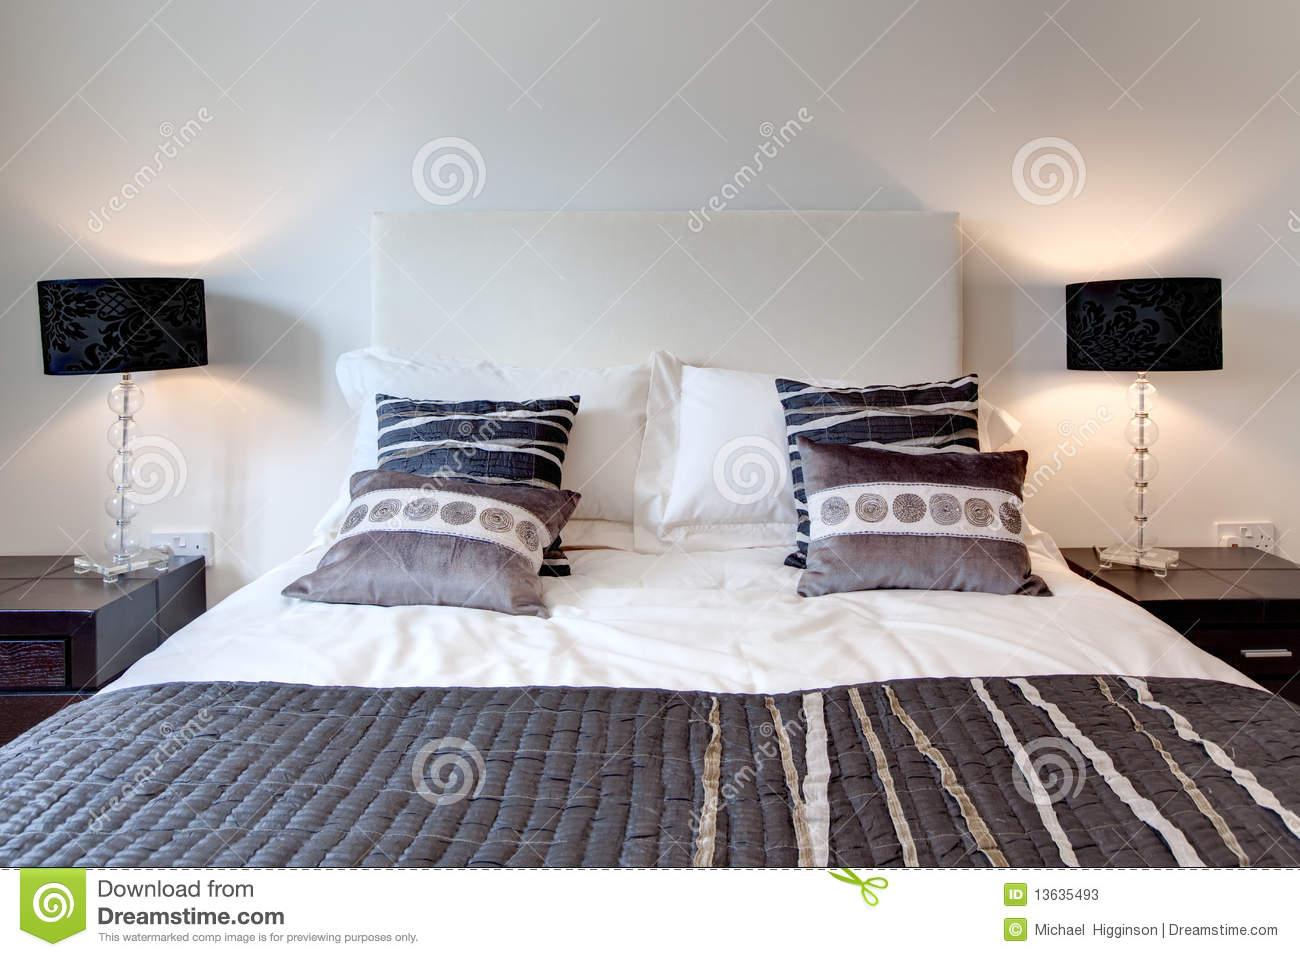 Full Size of Stilvolles Bett Stockbild Bild Von Moebel Betten Platzsparend Mit Lattenrost Einzelbett Prinzessin Bettwäsche Sprüche Musterring Bestes 140 Test Massiv Bett Modernes Bett